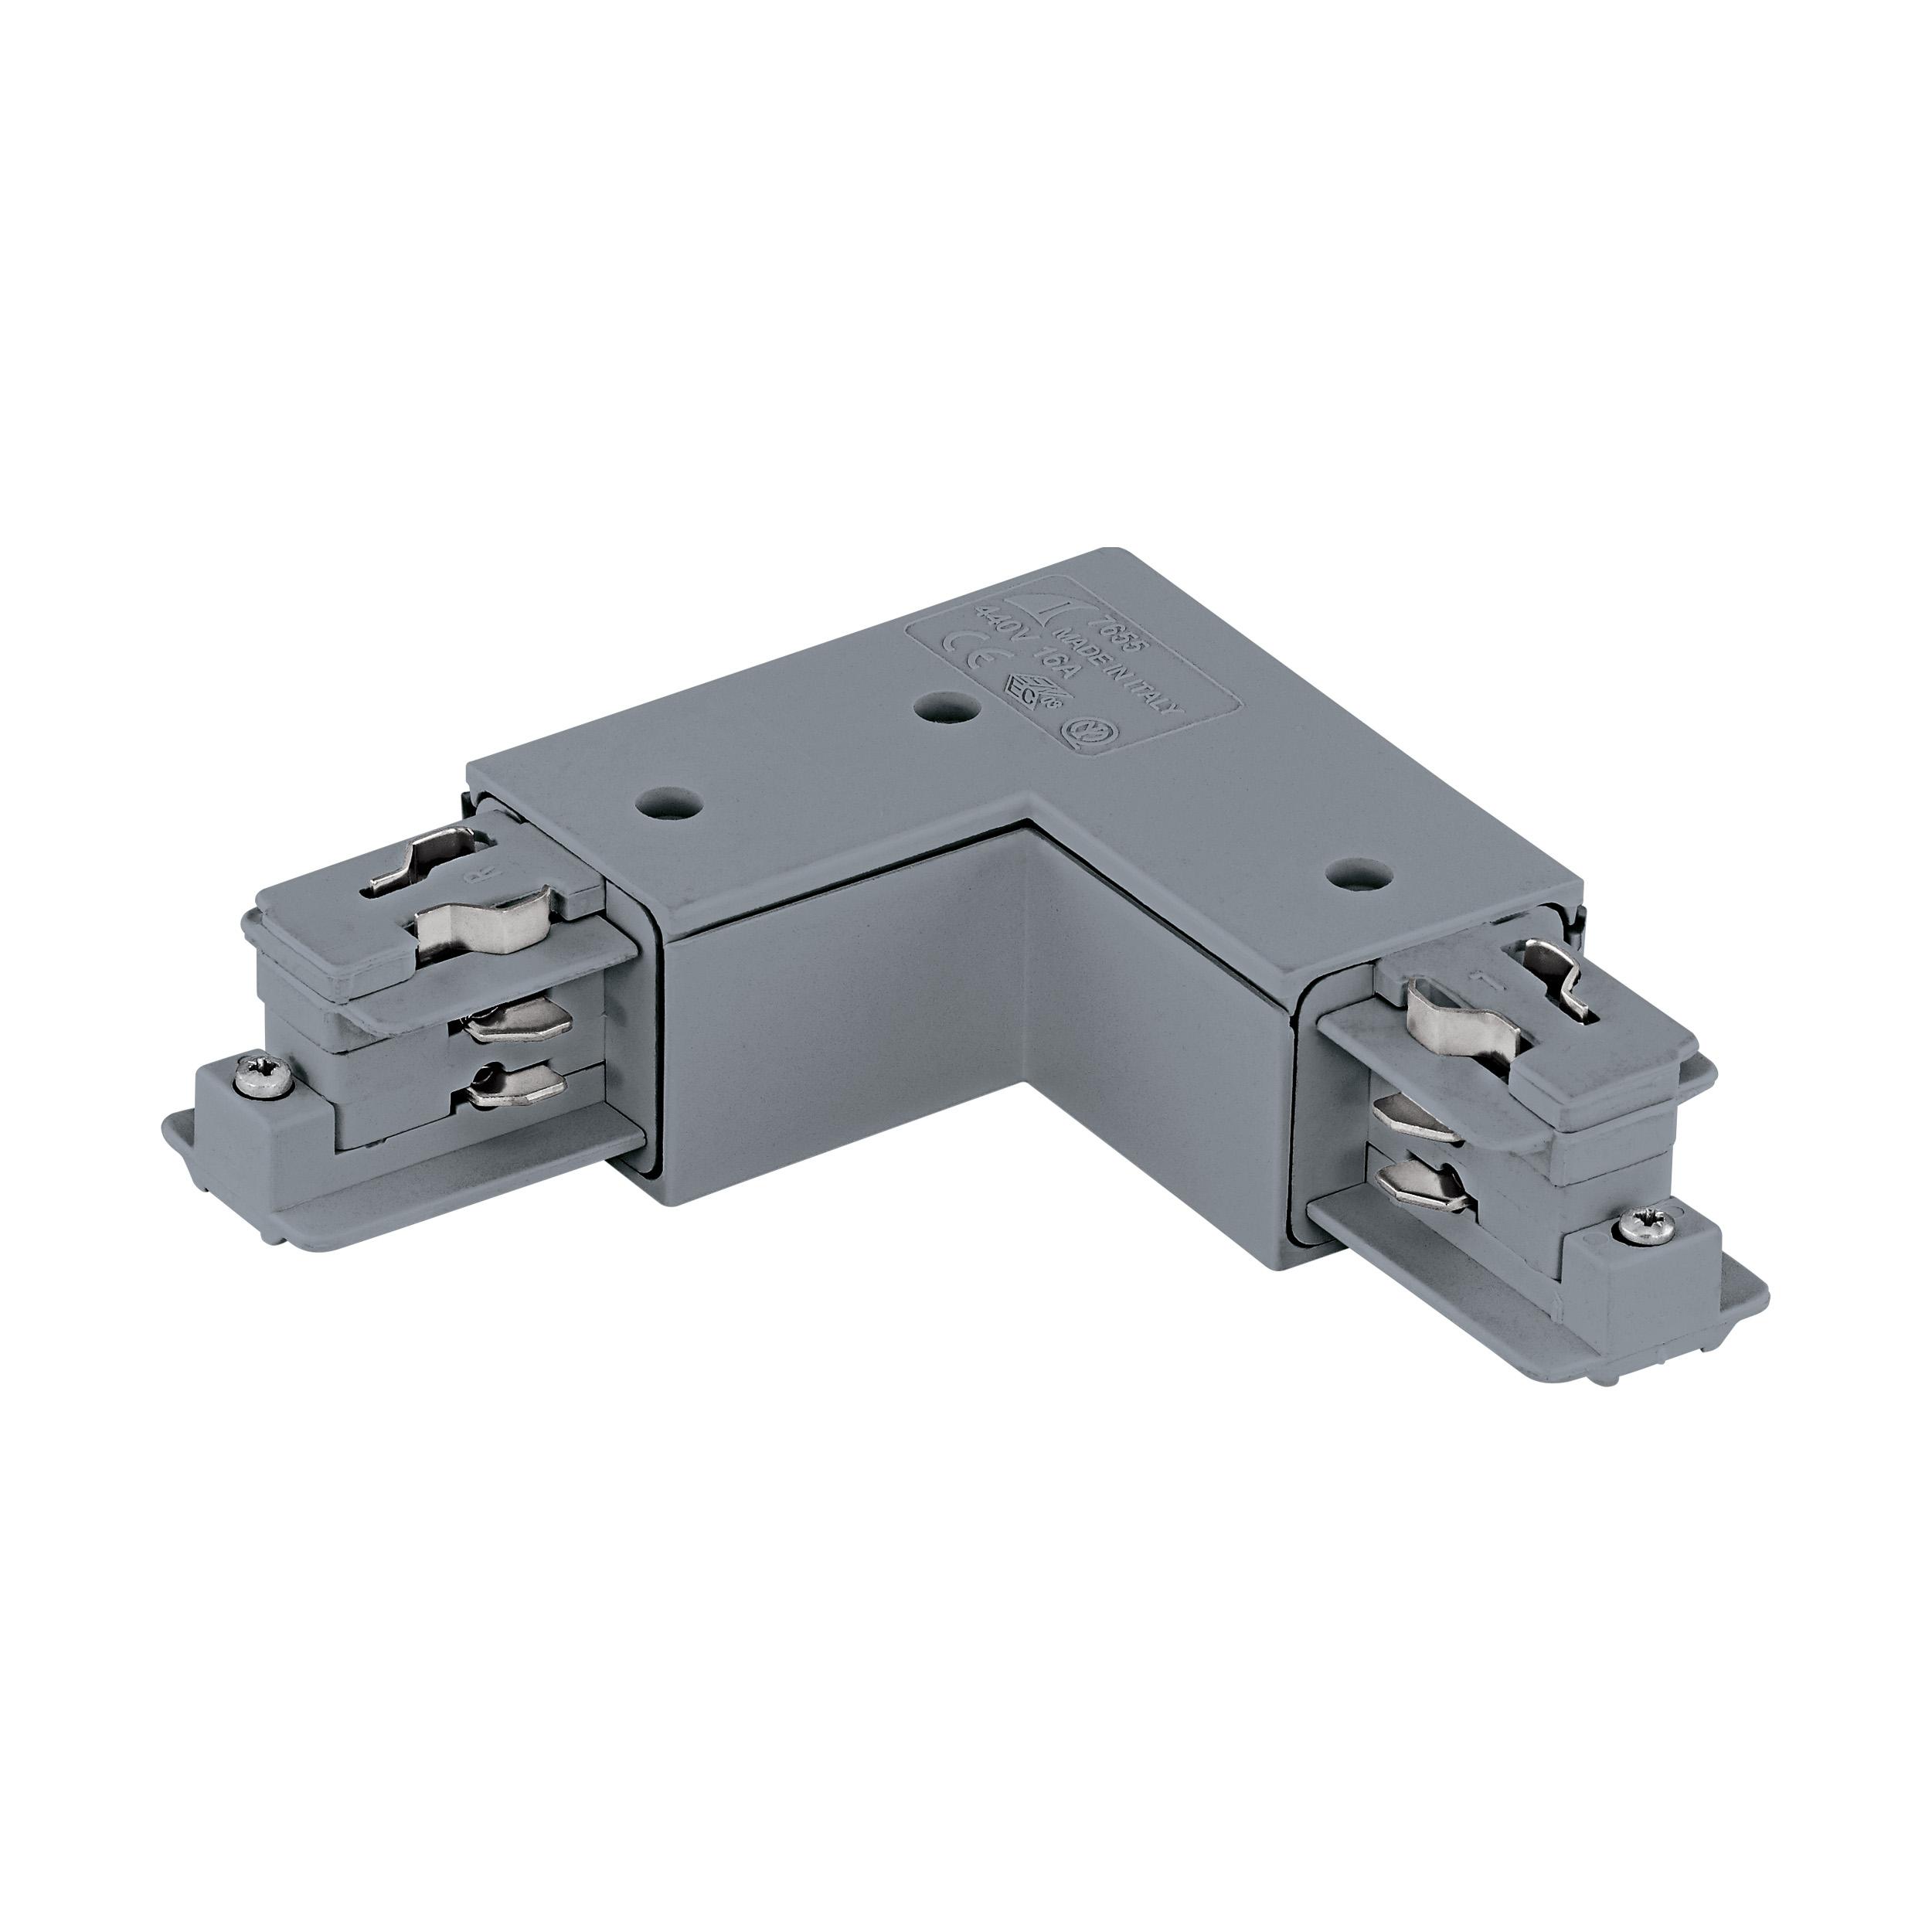 1 Stk 3-Phasen 90° Verbinder Aufbau, Kunststoff, außen; silber LI60116---